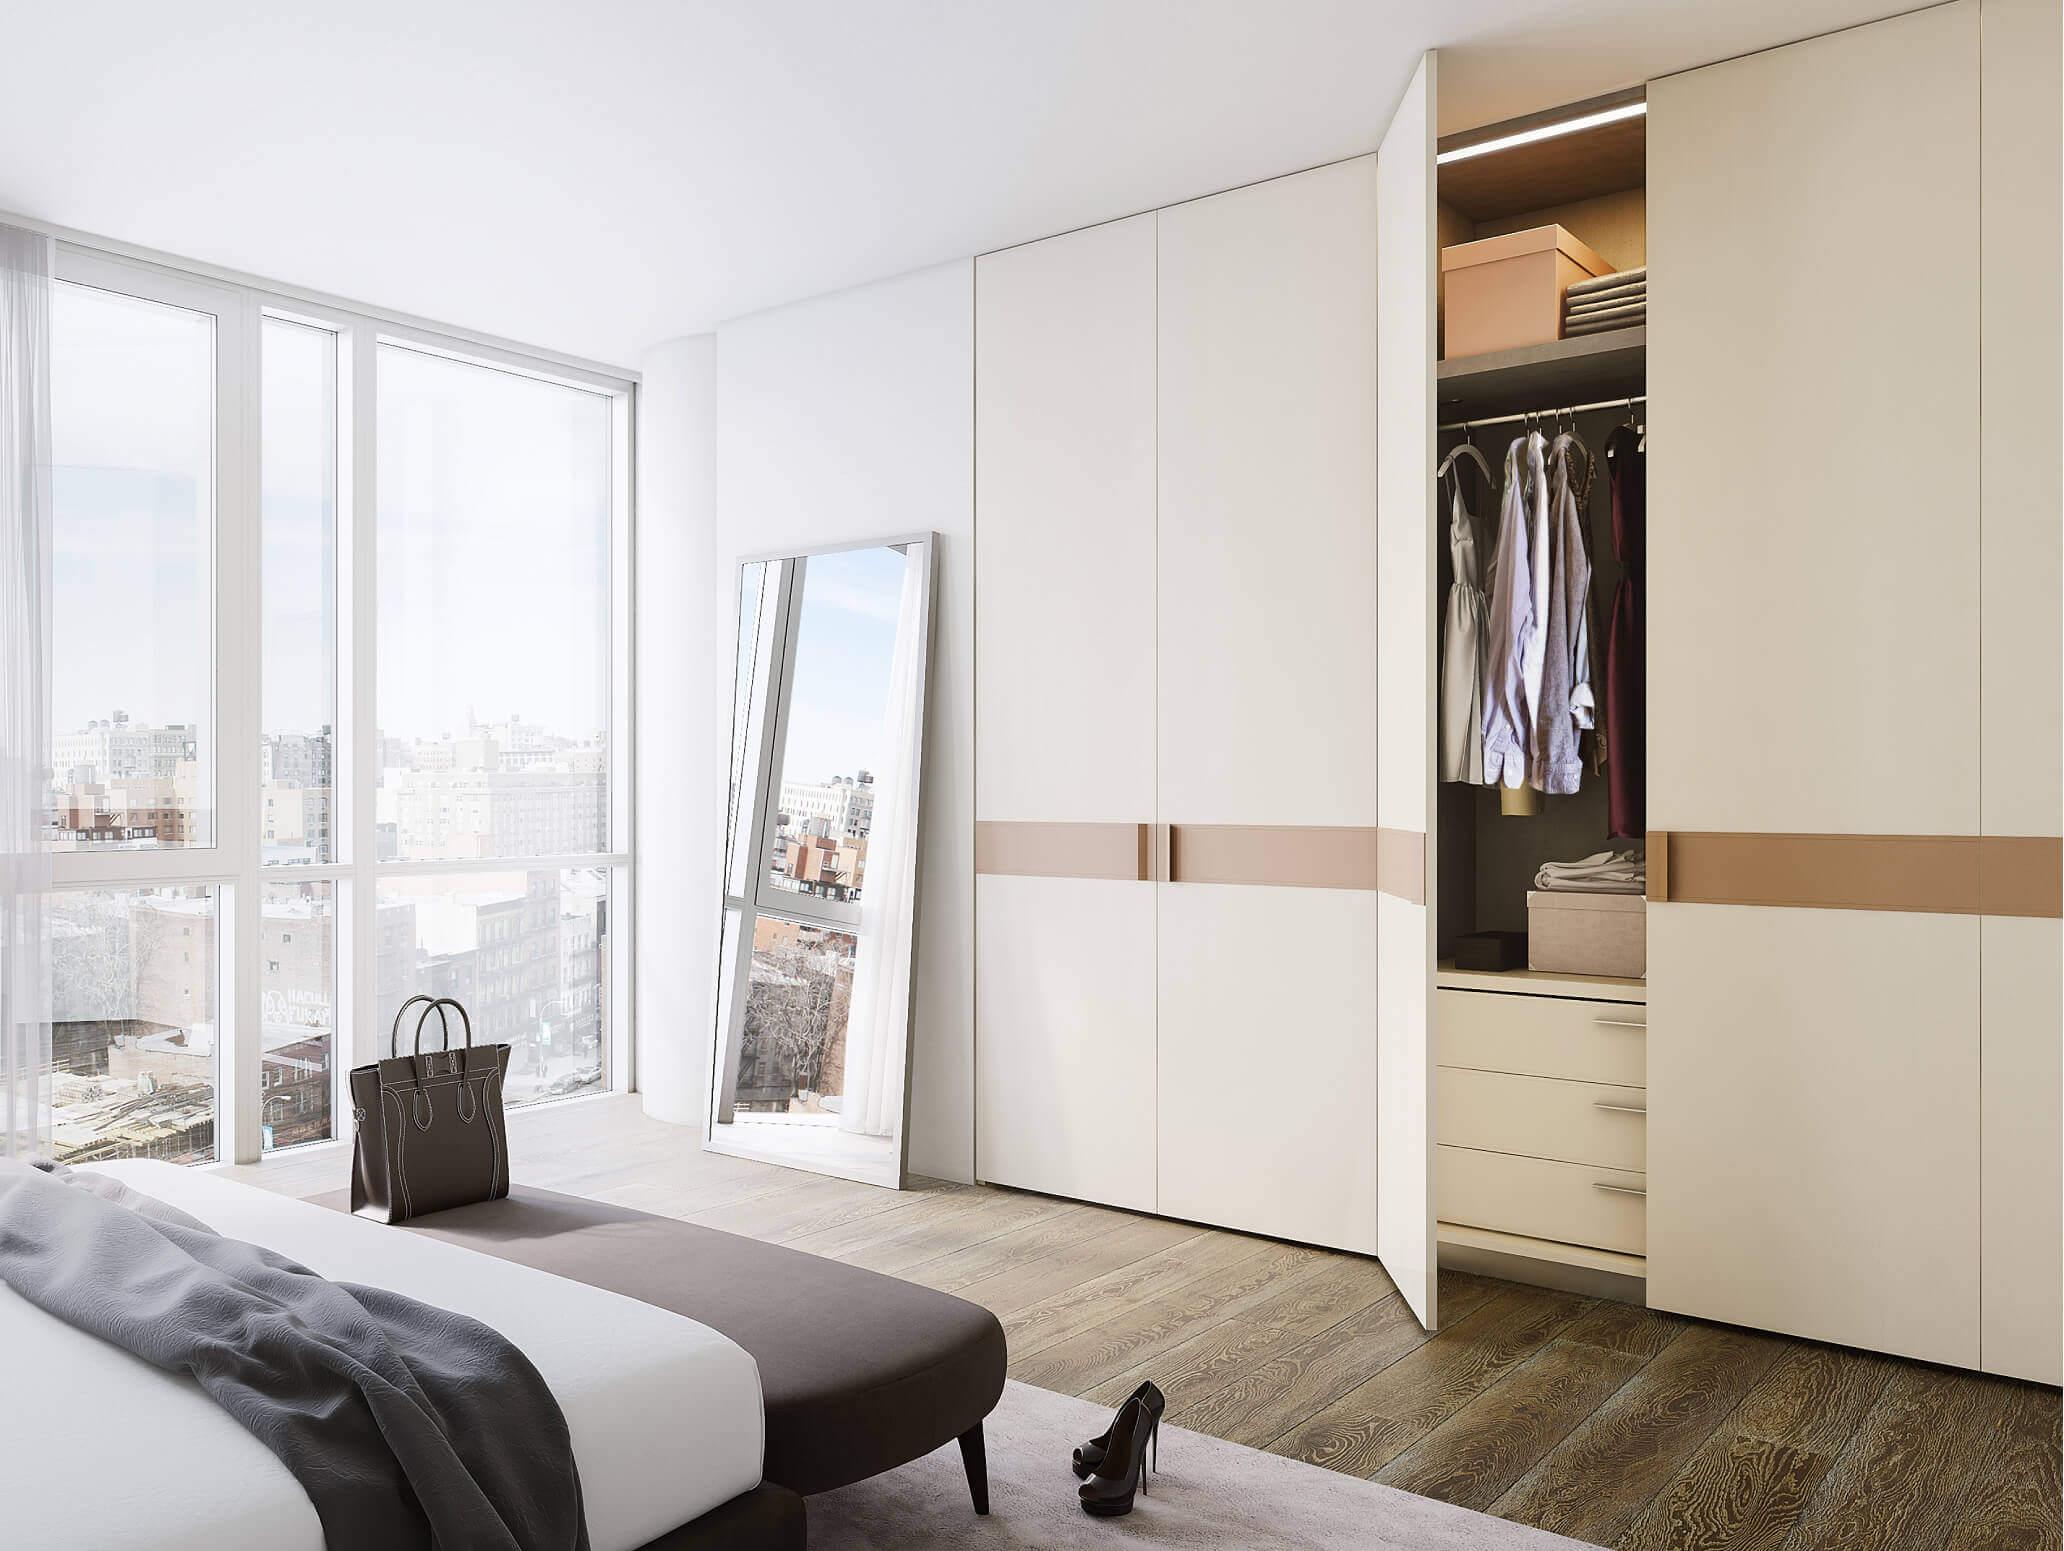 302-East-96th-Street-Rendering-Bedroom.jpg